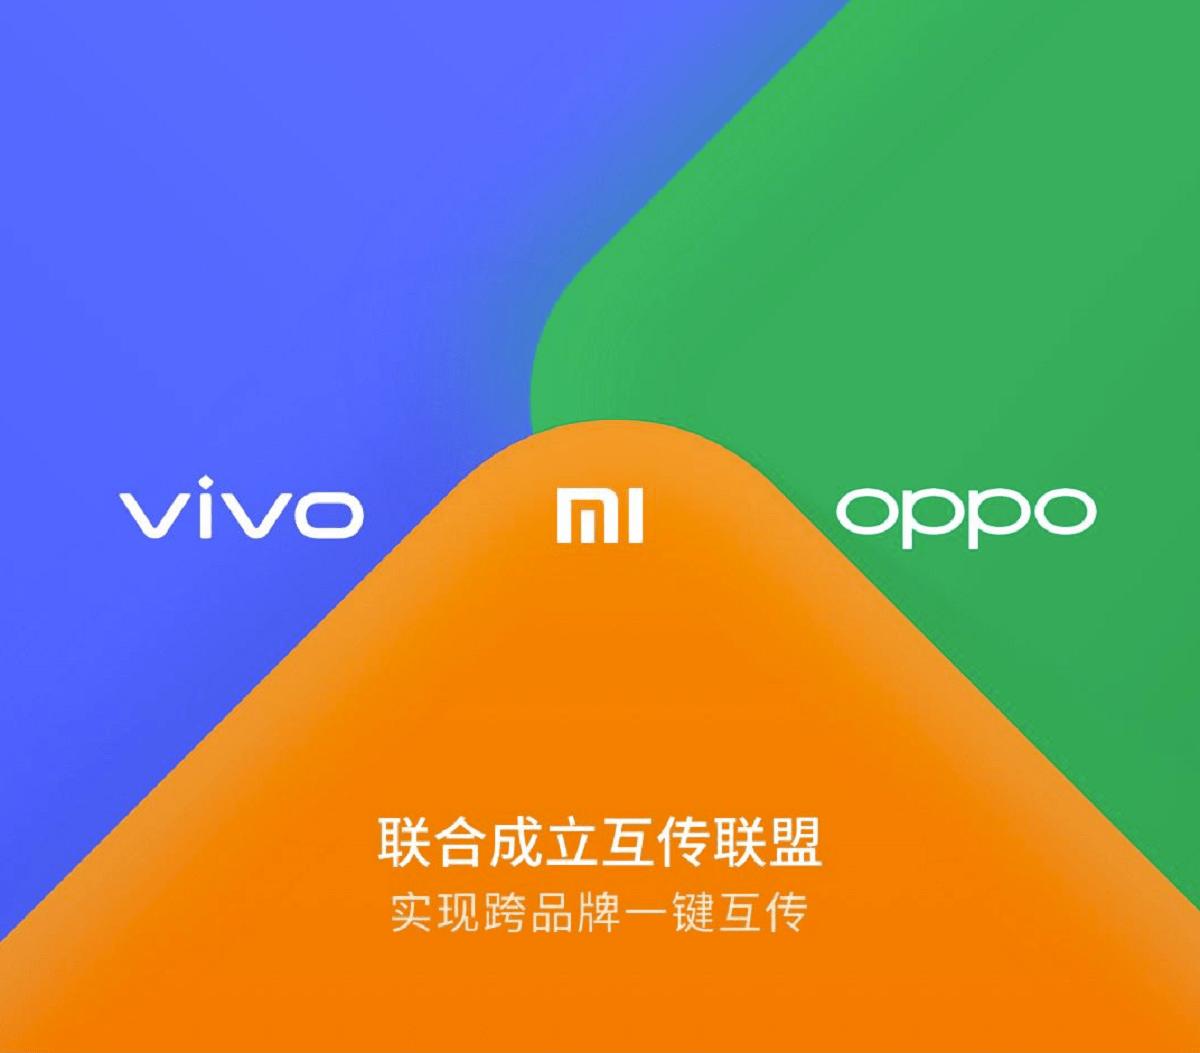 AirDrop : Xiaomi, Oppo et Vivo travaillent sur une alternative au partage de fichiers d'Apple